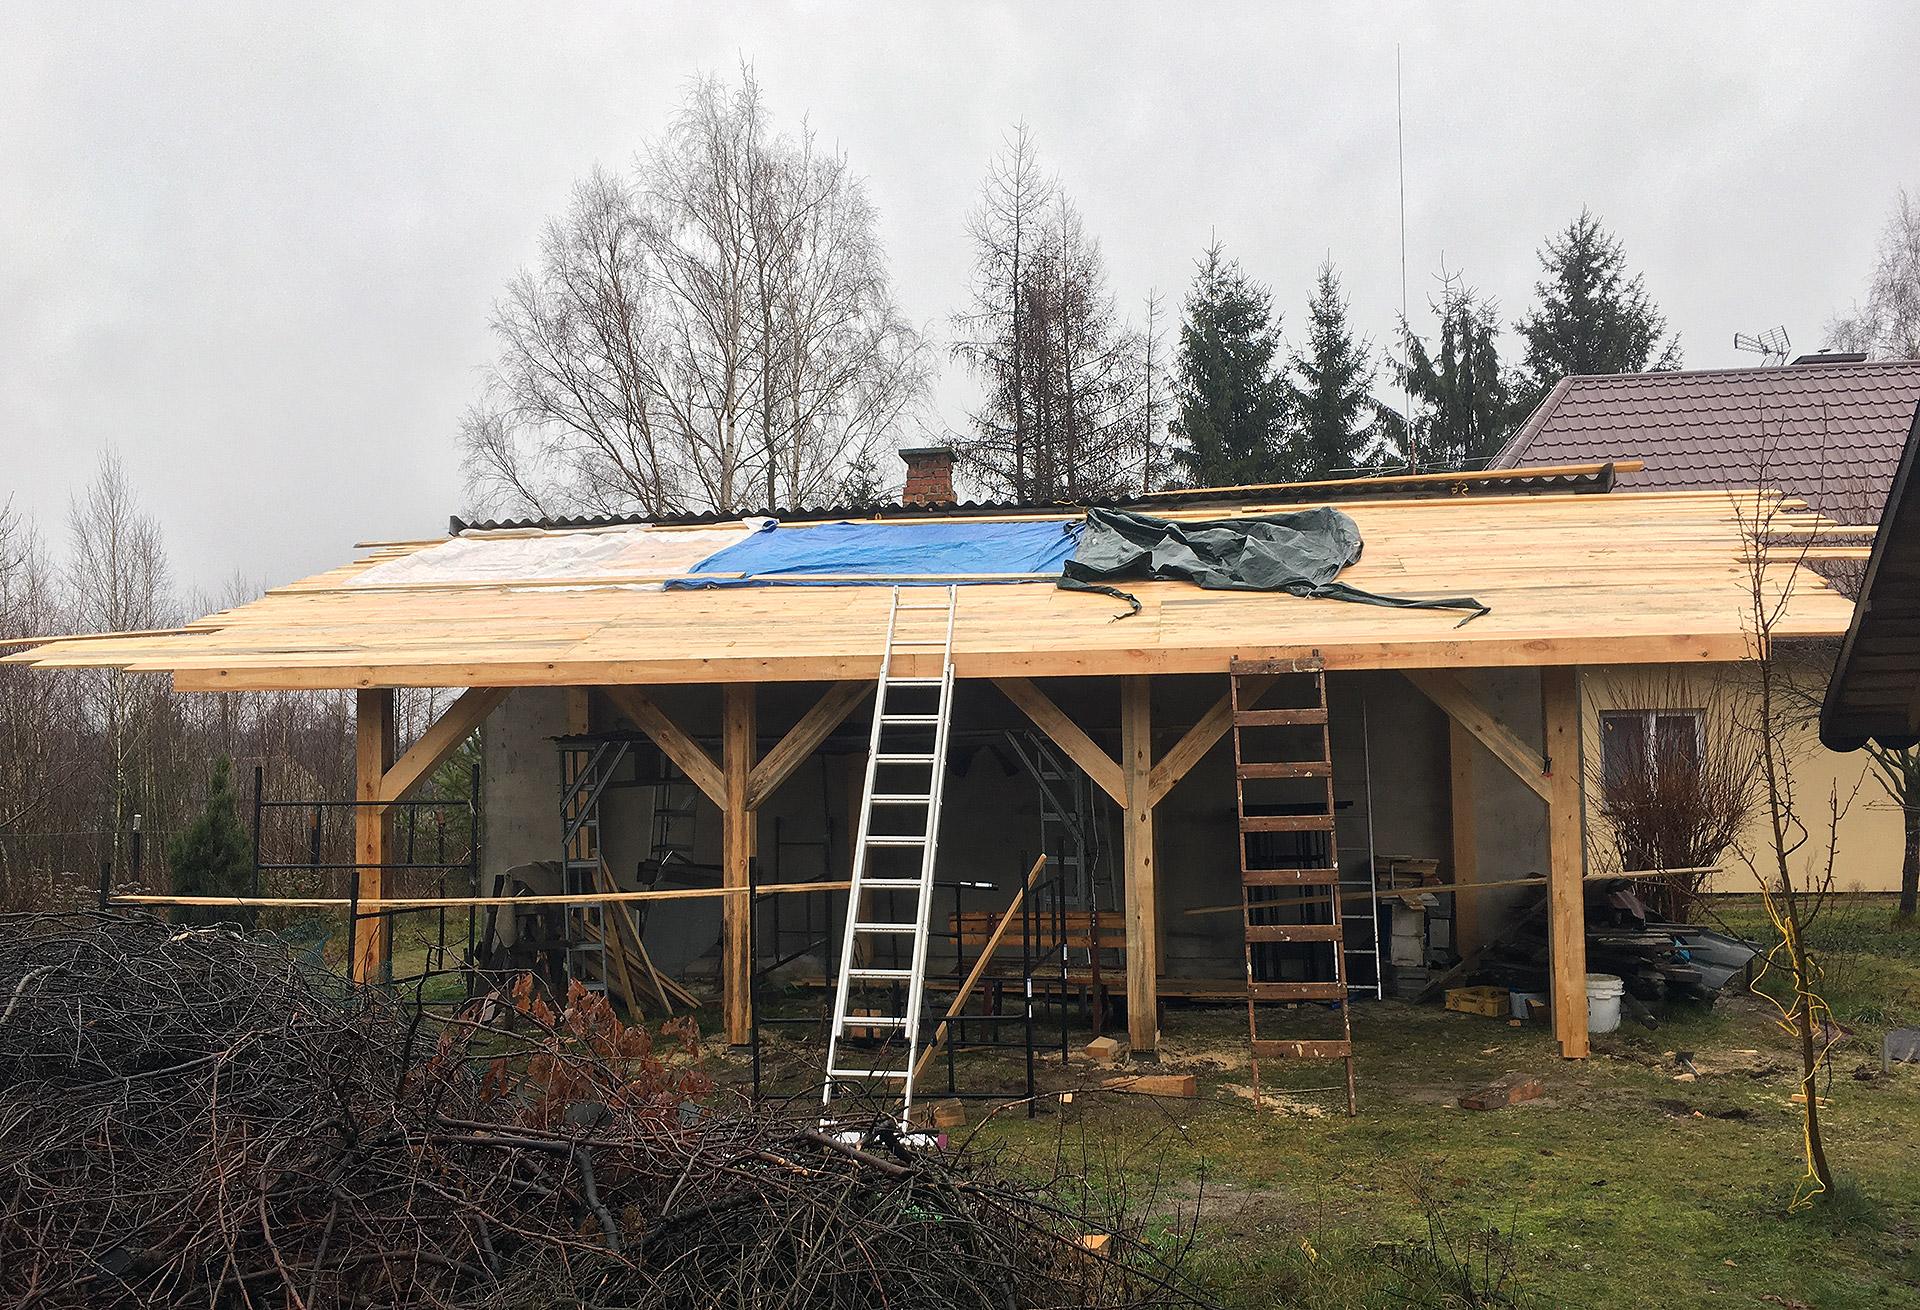 Pełne deskowanie wiaty garażowej. 1,5m3 dla dachu 50m2.